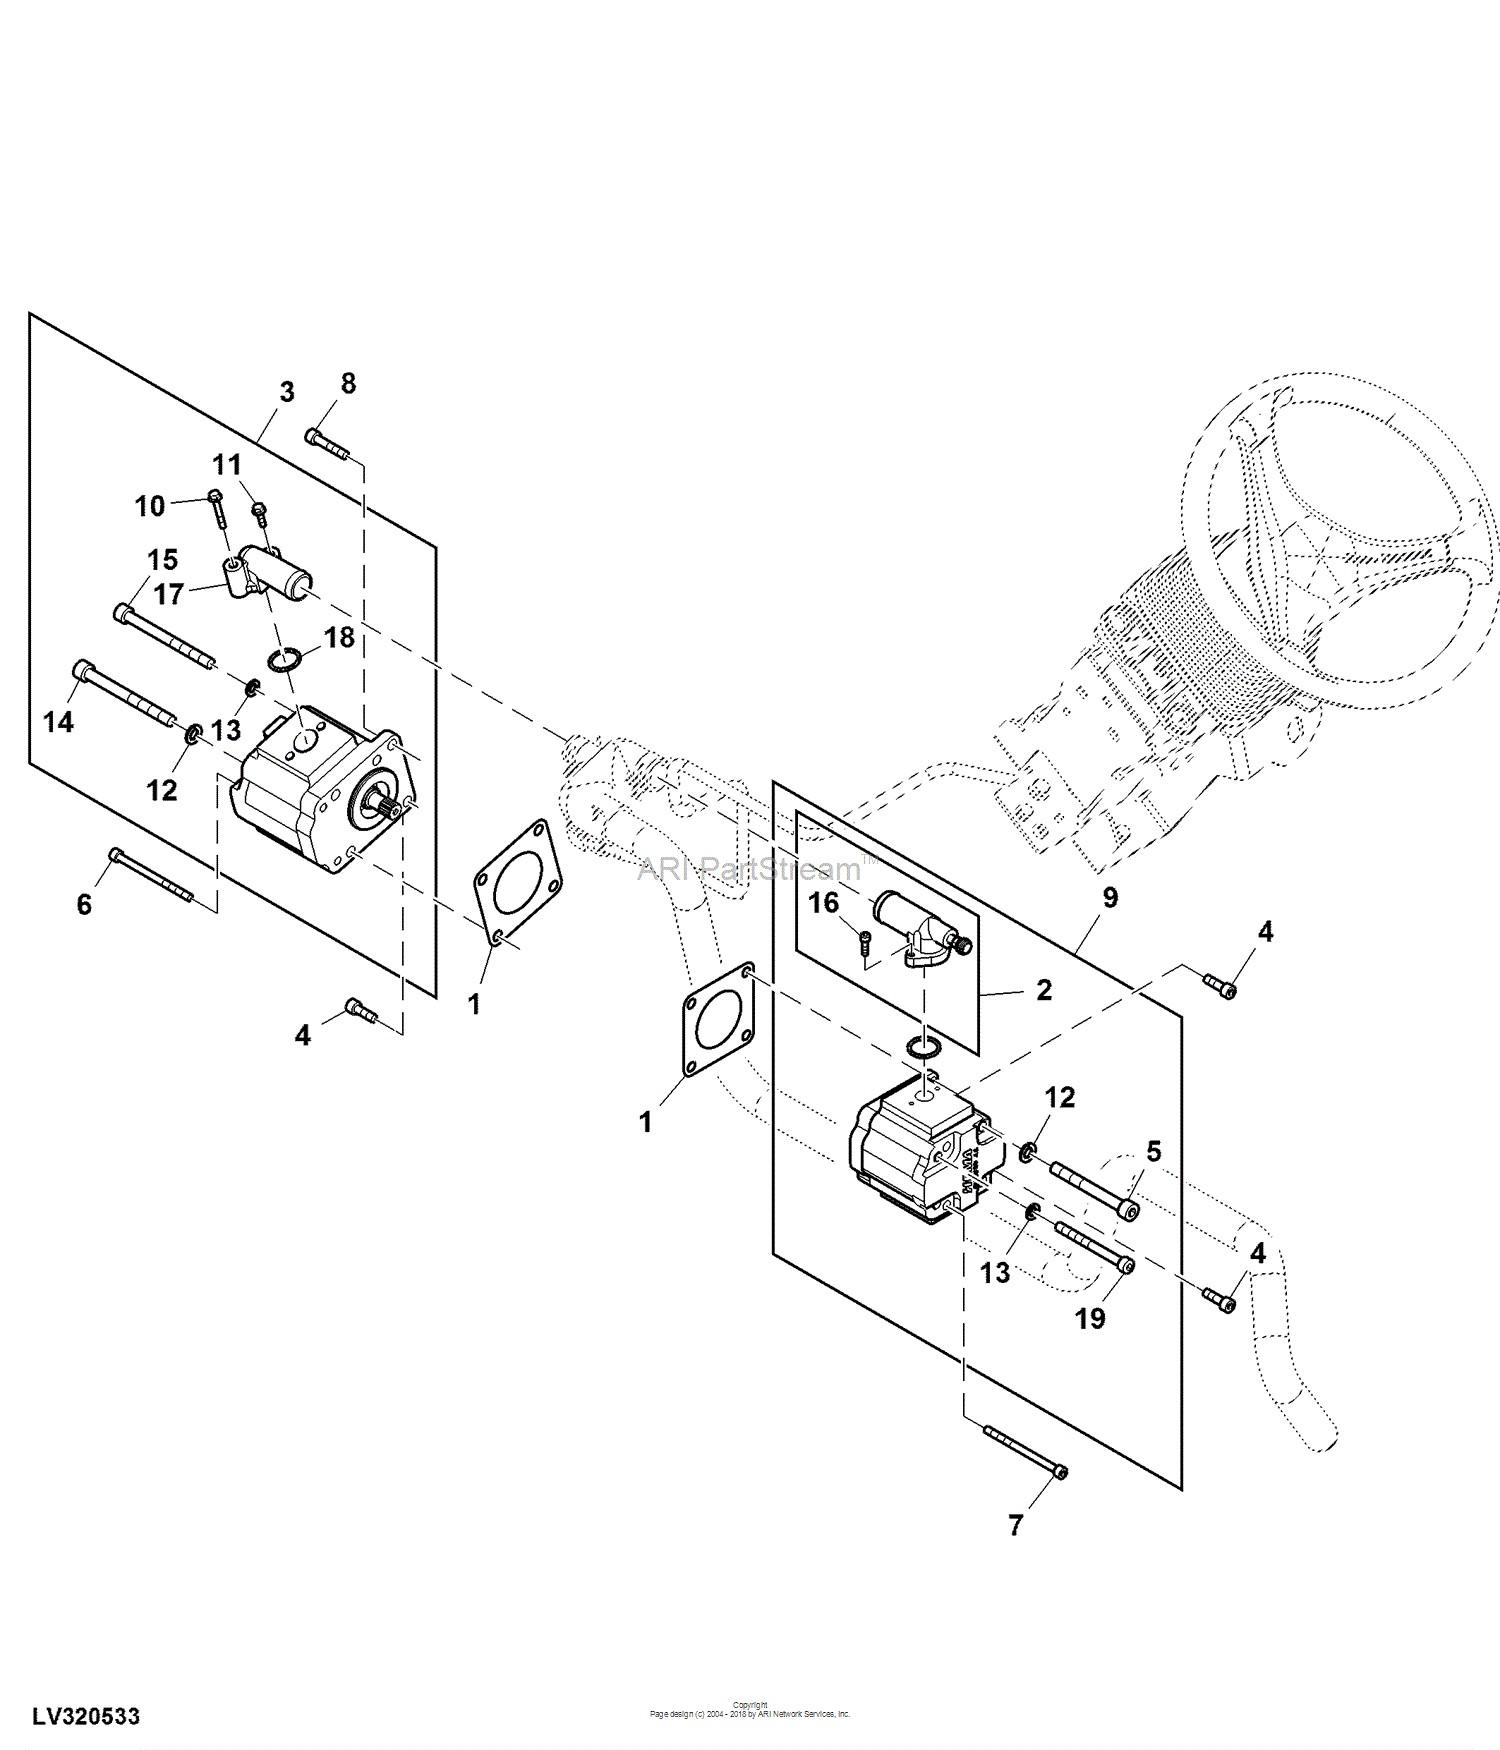 Power Steering Pump Parts Diagram John Deere Parts Diagrams John Deere 3039r Pact Utility Tractor Of Power Steering Pump Parts Diagram